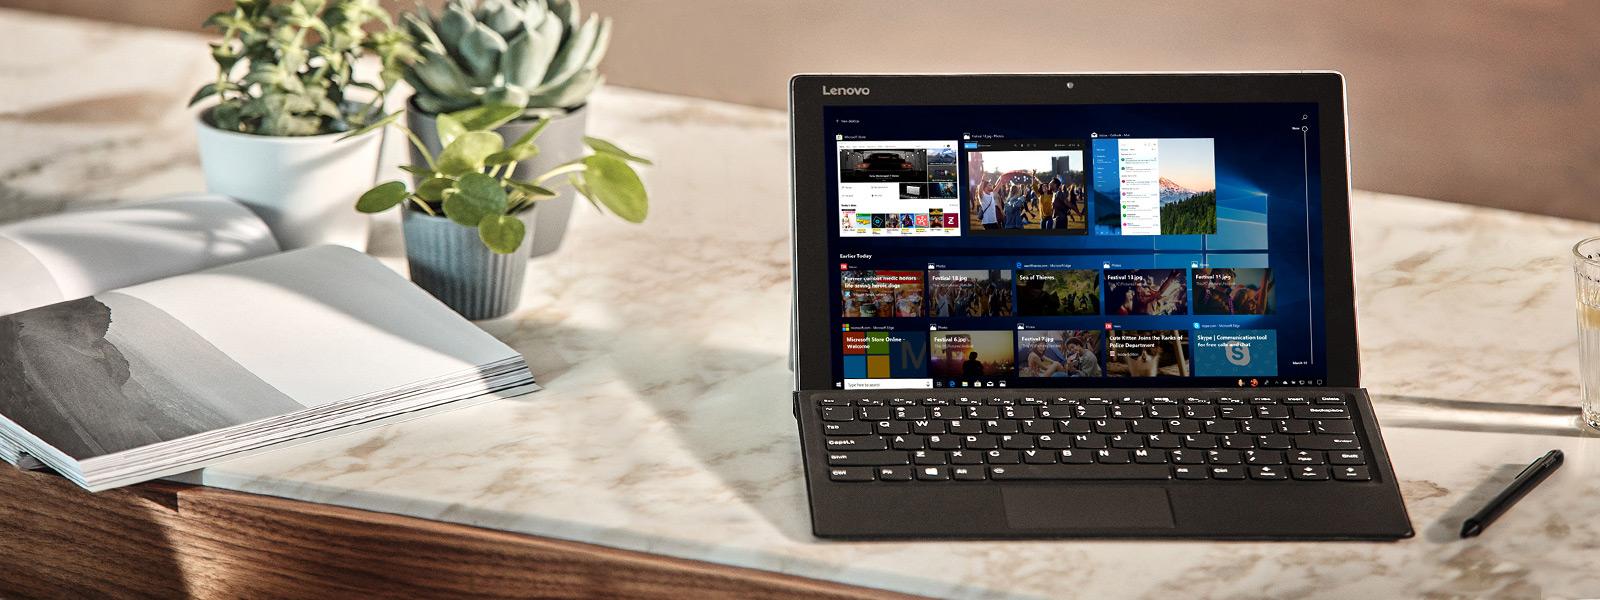 Màn hình máy tính hiển thị tính năng của Bản cập nhật Windows 10 tháng 4 năm 2018